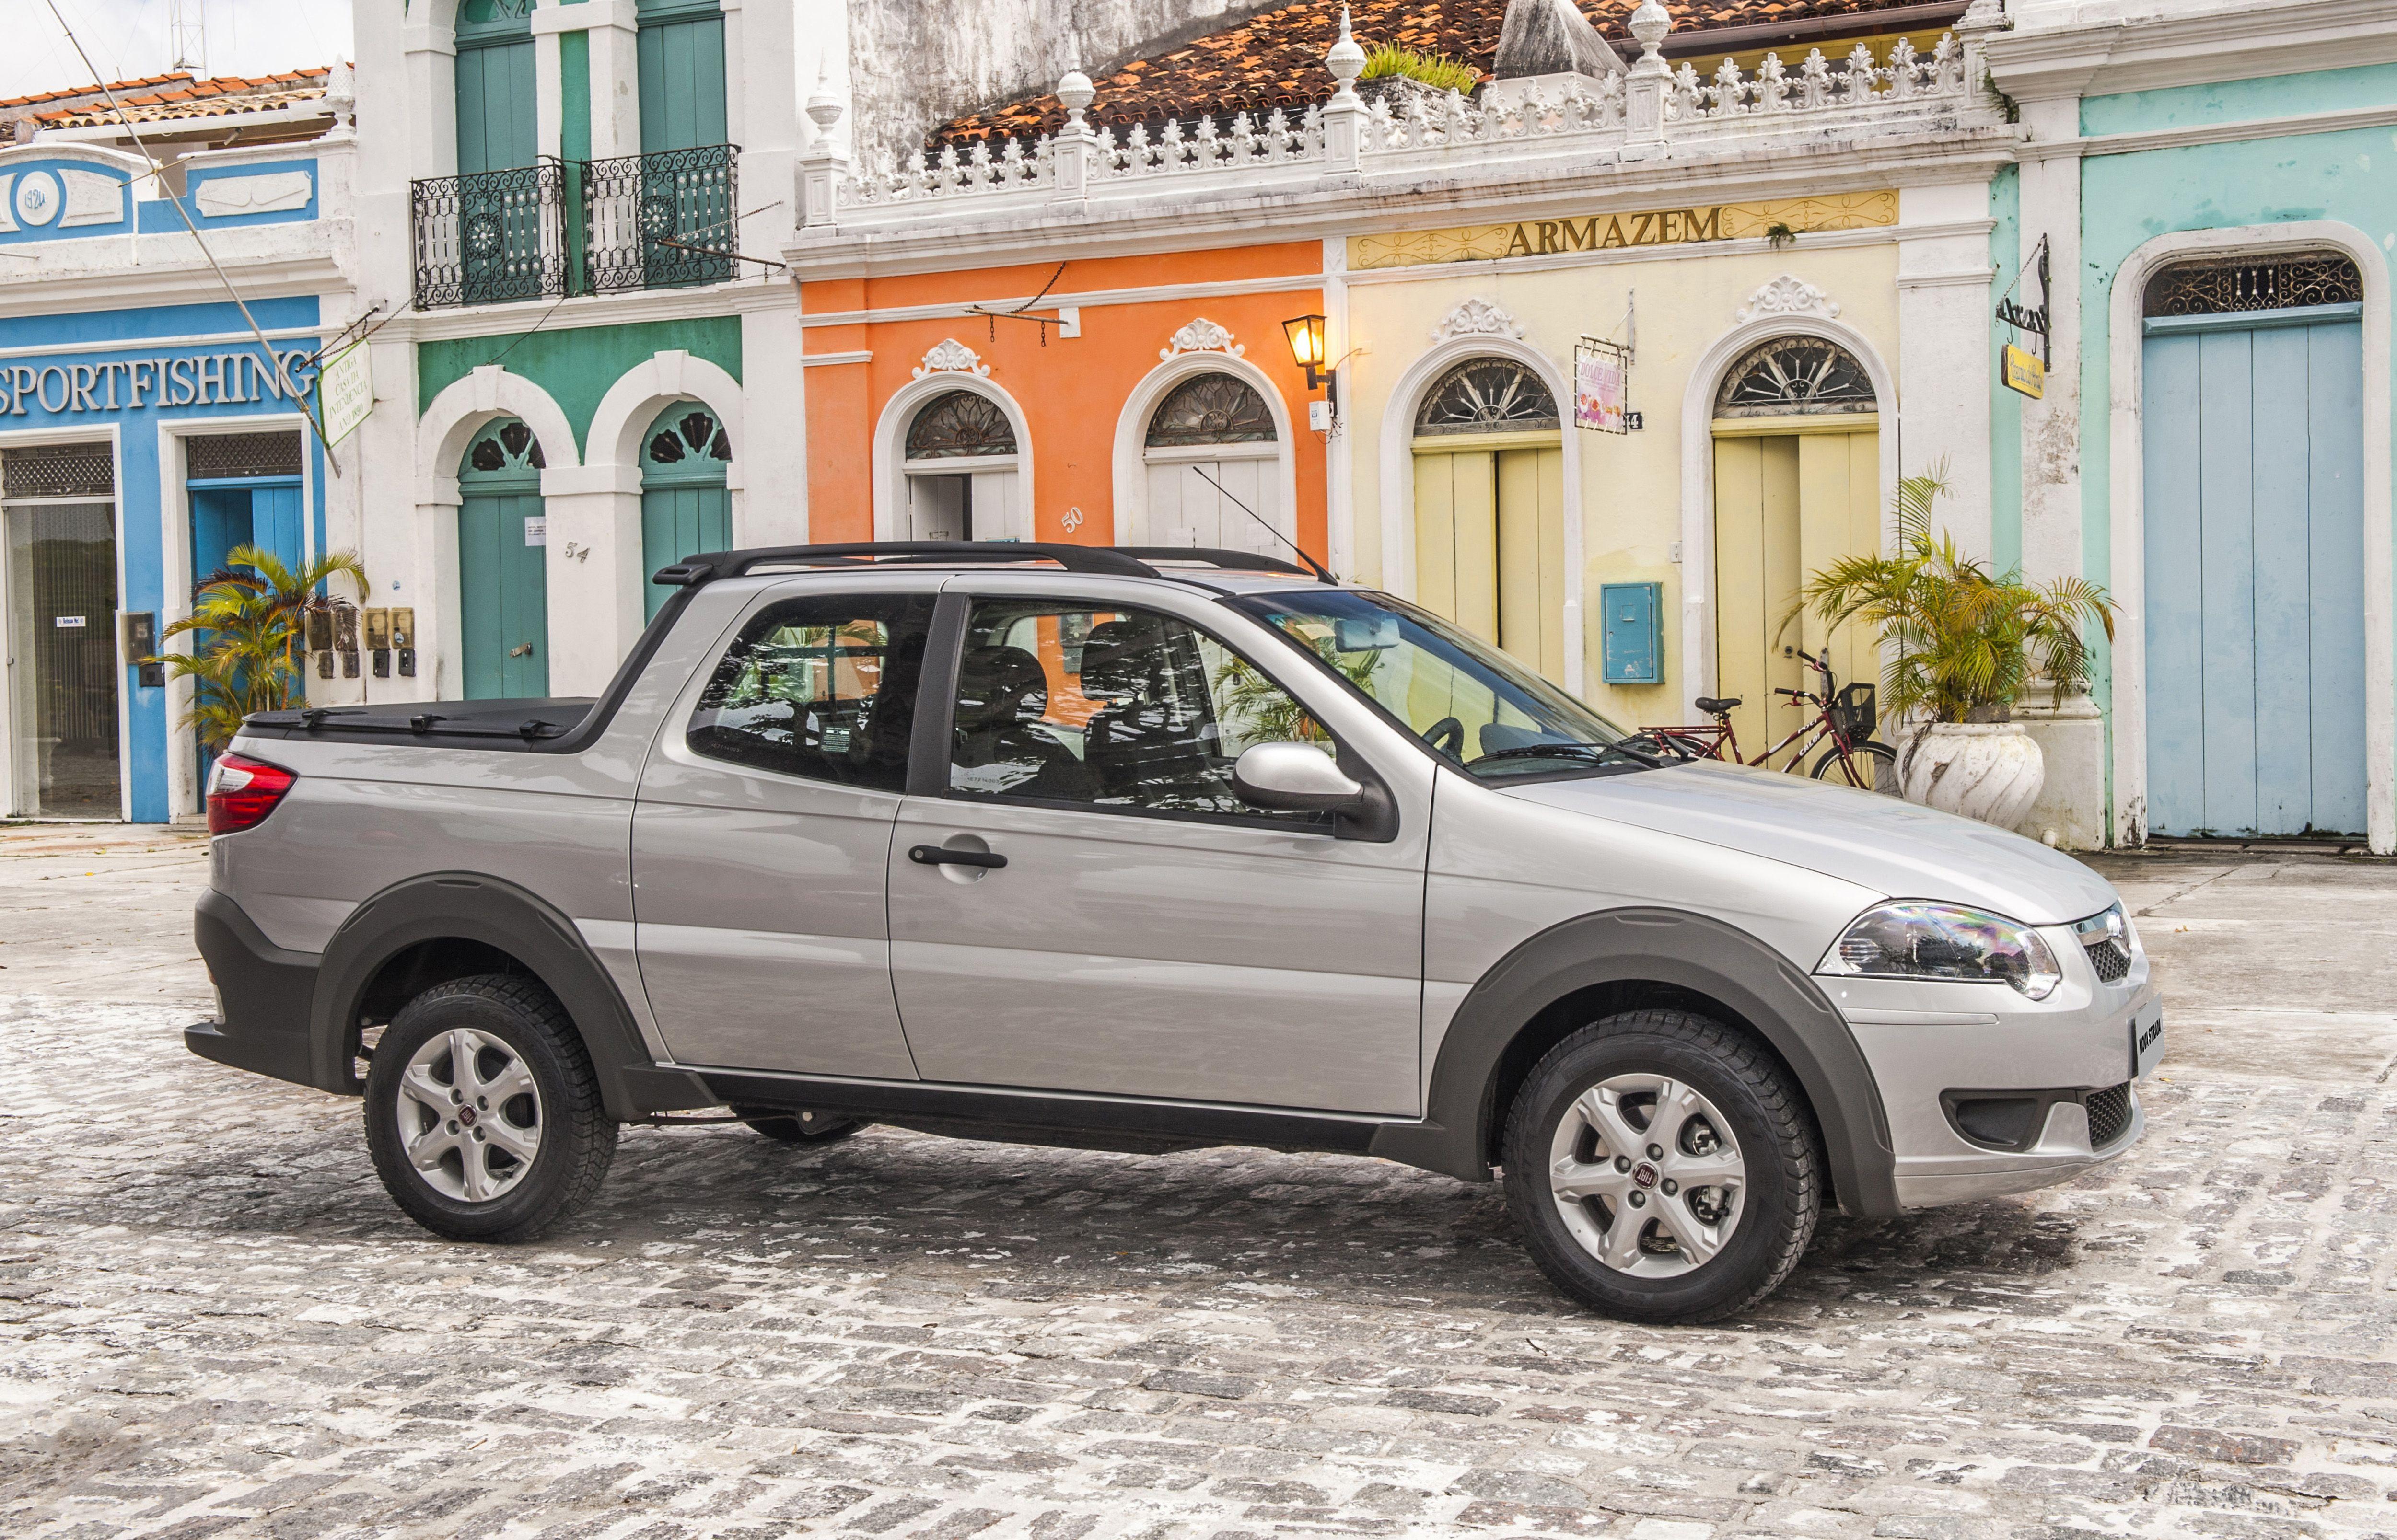 La Nueva Apariencia Externa De La Fiat Strada Trekking Cuenta Con